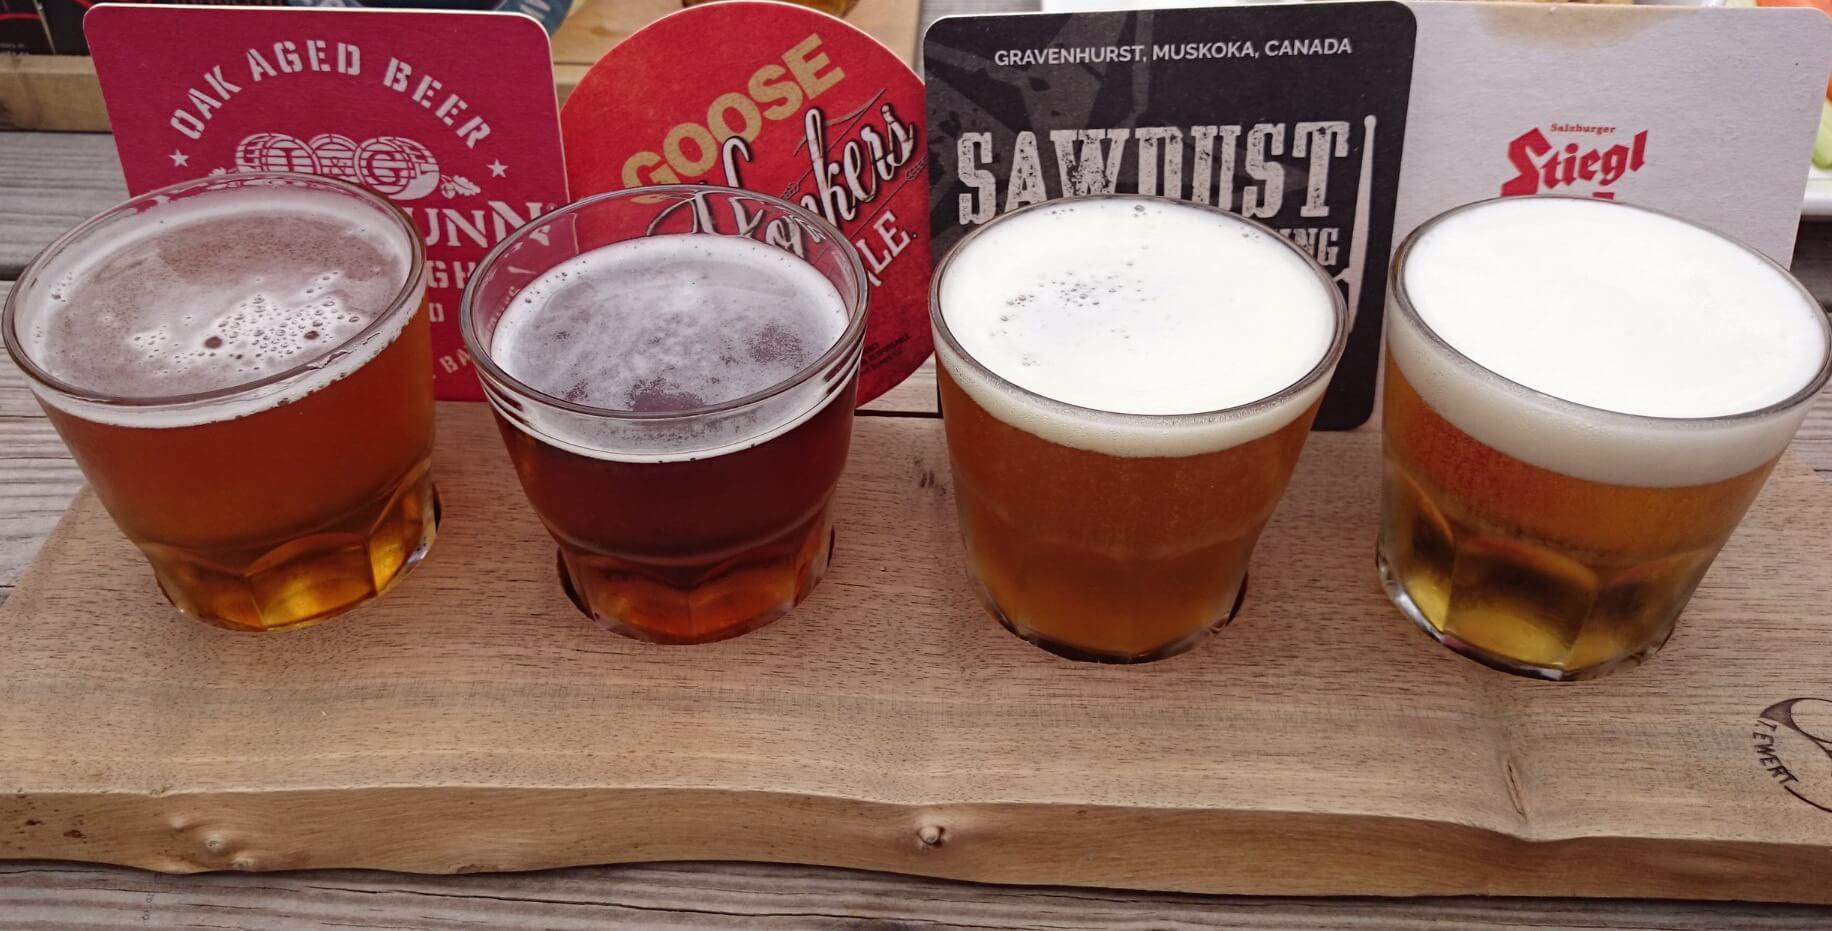 image-canada-beertown-5